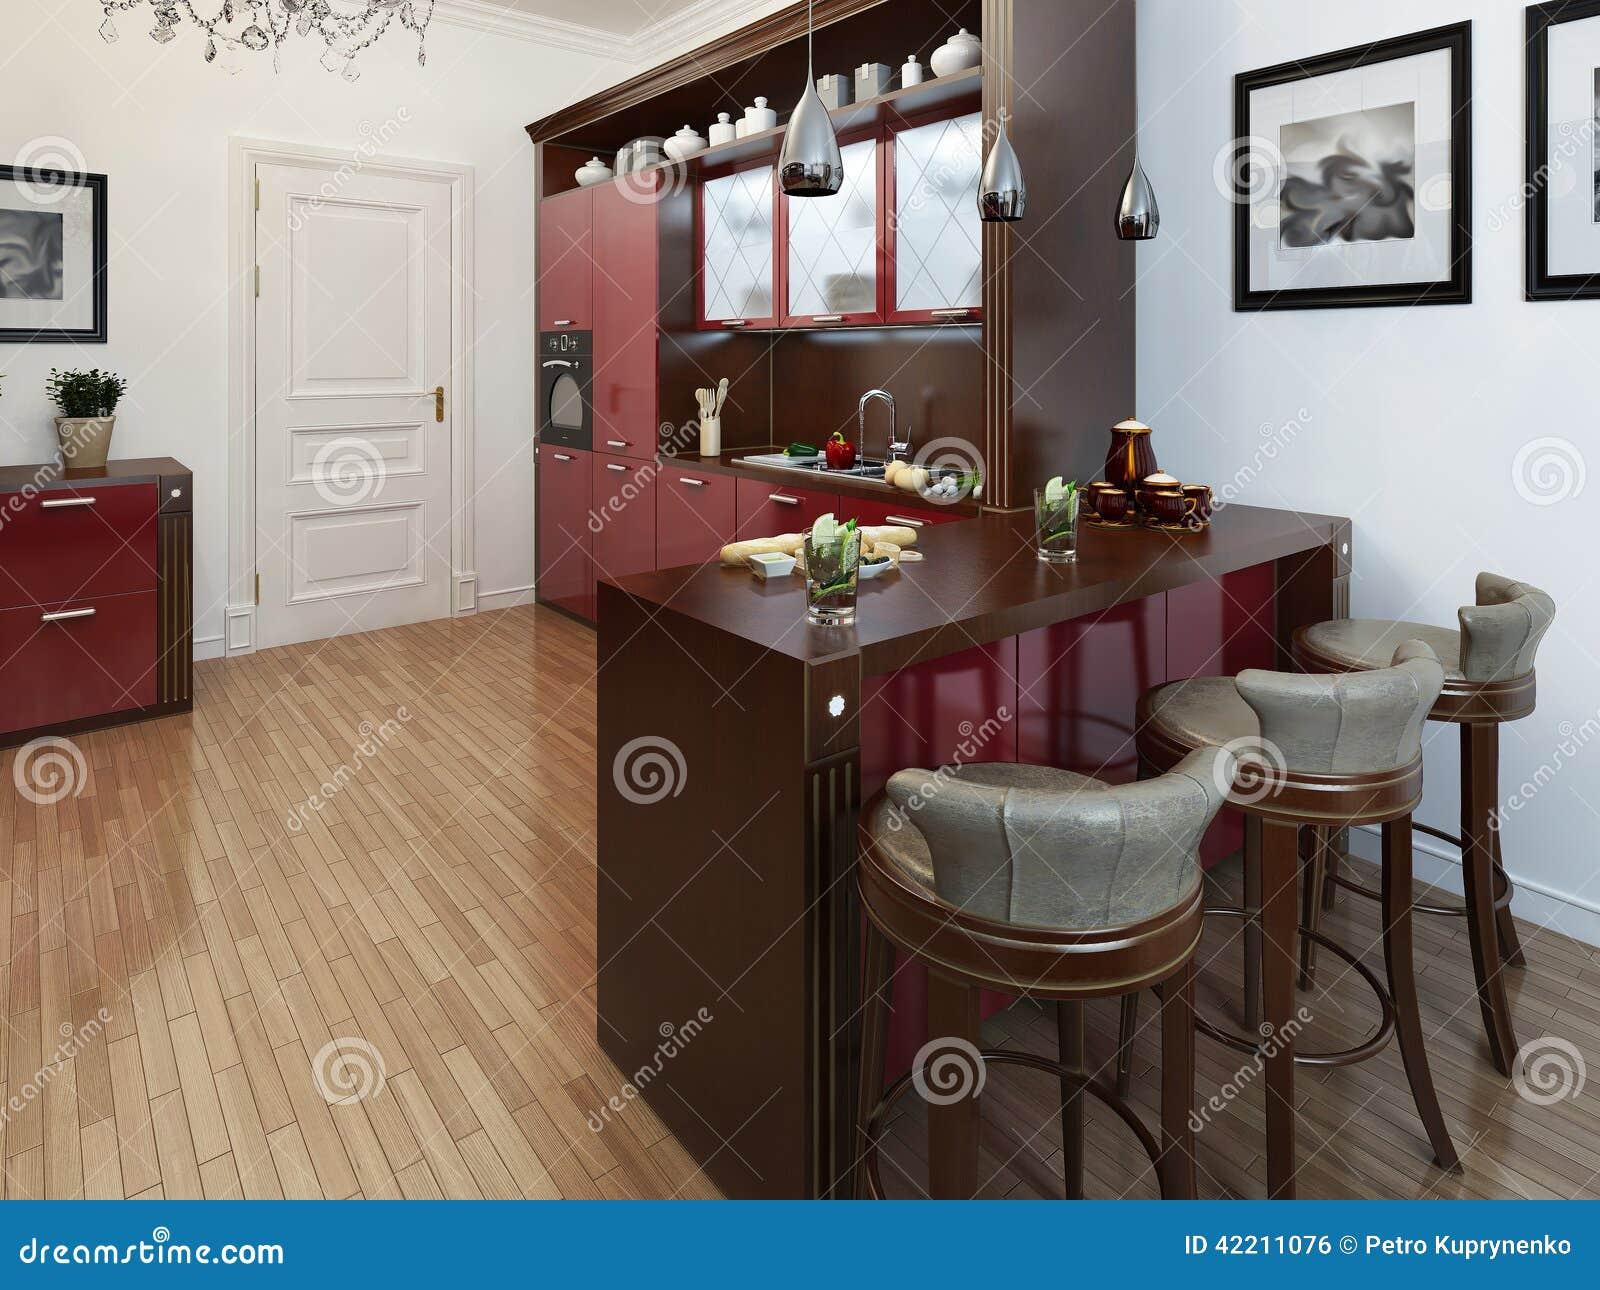 Keuken in de art deco stijl stock illustratie afbeelding 42211076 - Kamer deco stijl ...